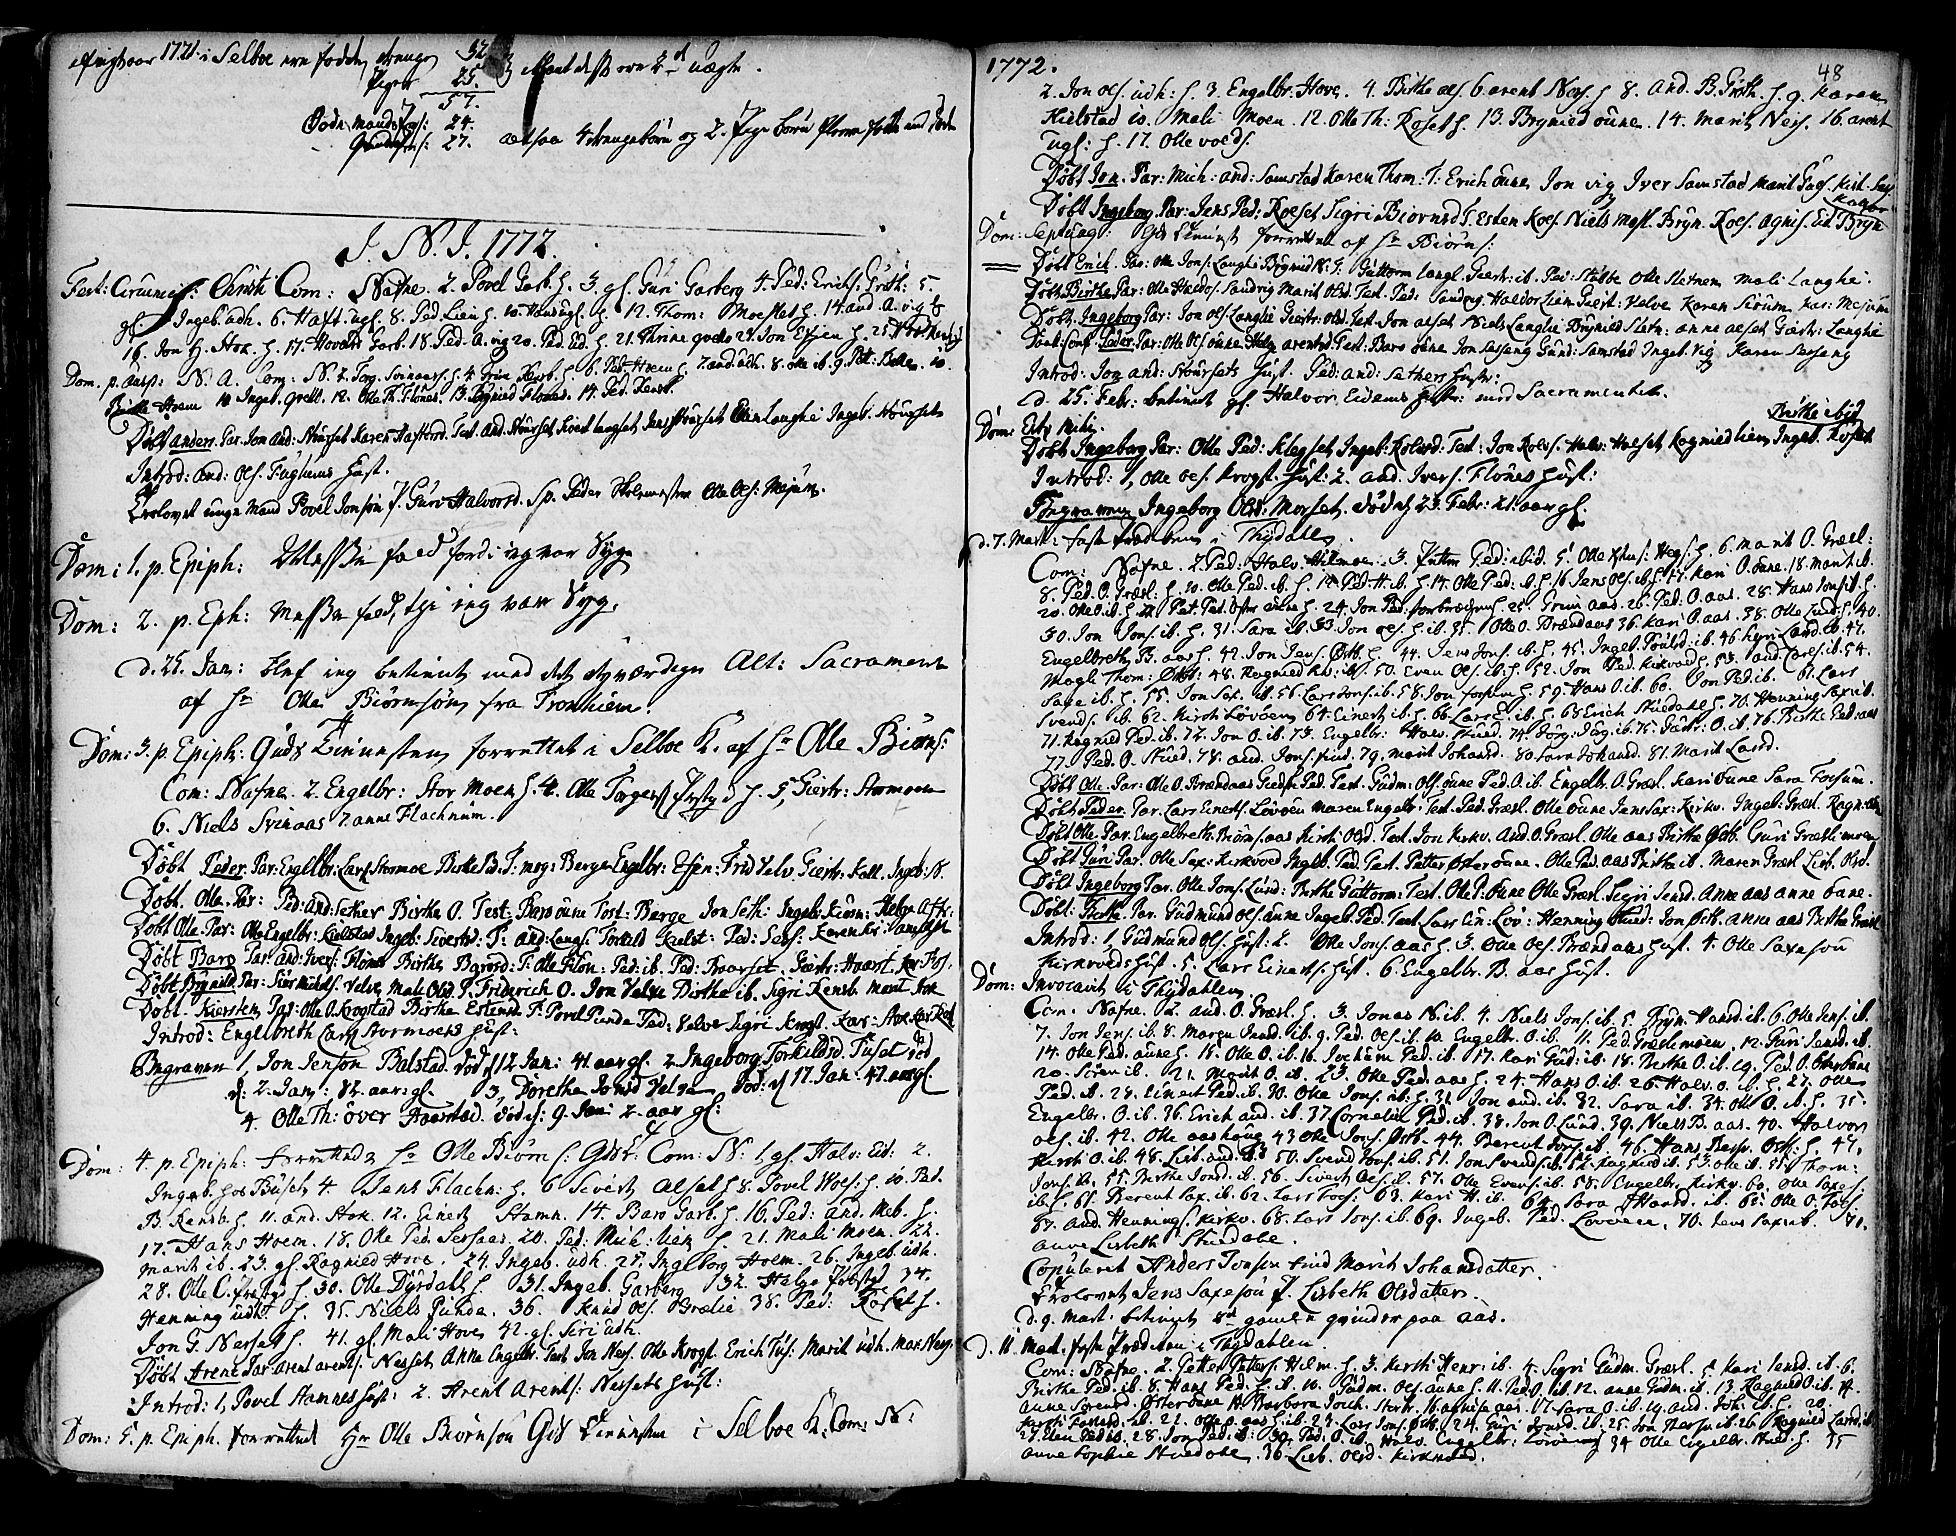 SAT, Ministerialprotokoller, klokkerbøker og fødselsregistre - Sør-Trøndelag, 695/L1138: Ministerialbok nr. 695A02 /1, 1757-1801, s. 48